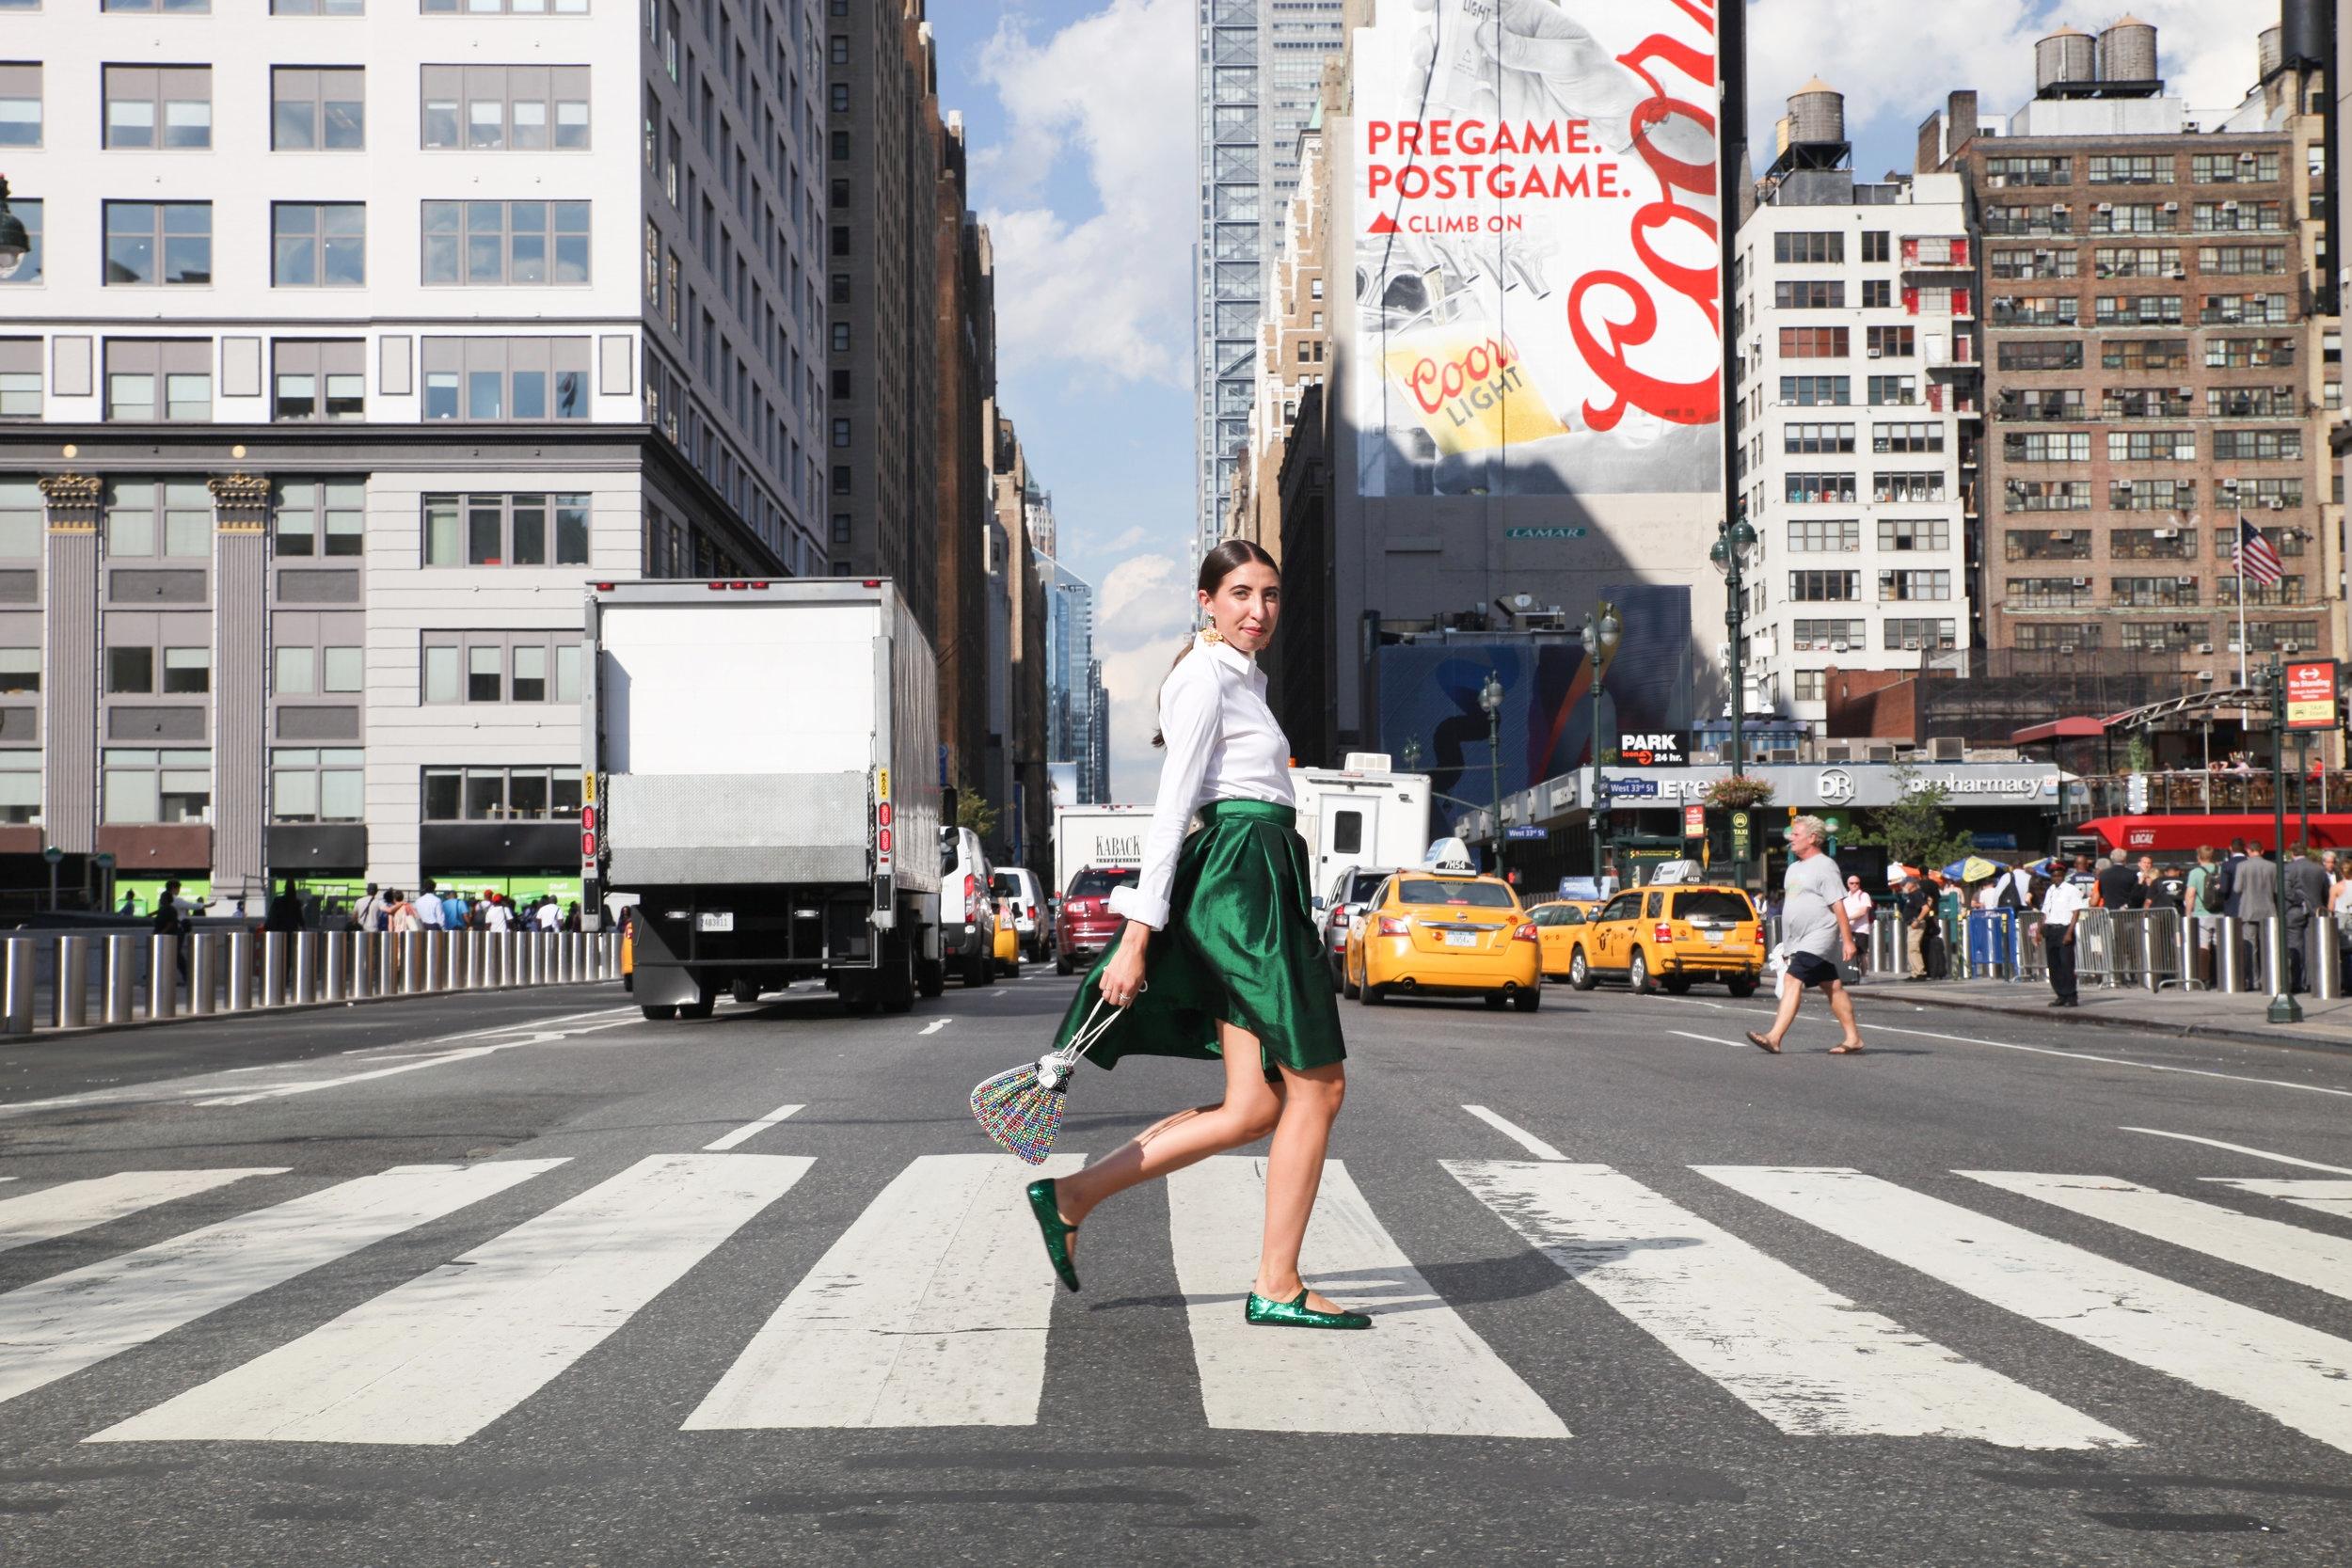 Zach Chase Photo Via Runway Manhattan